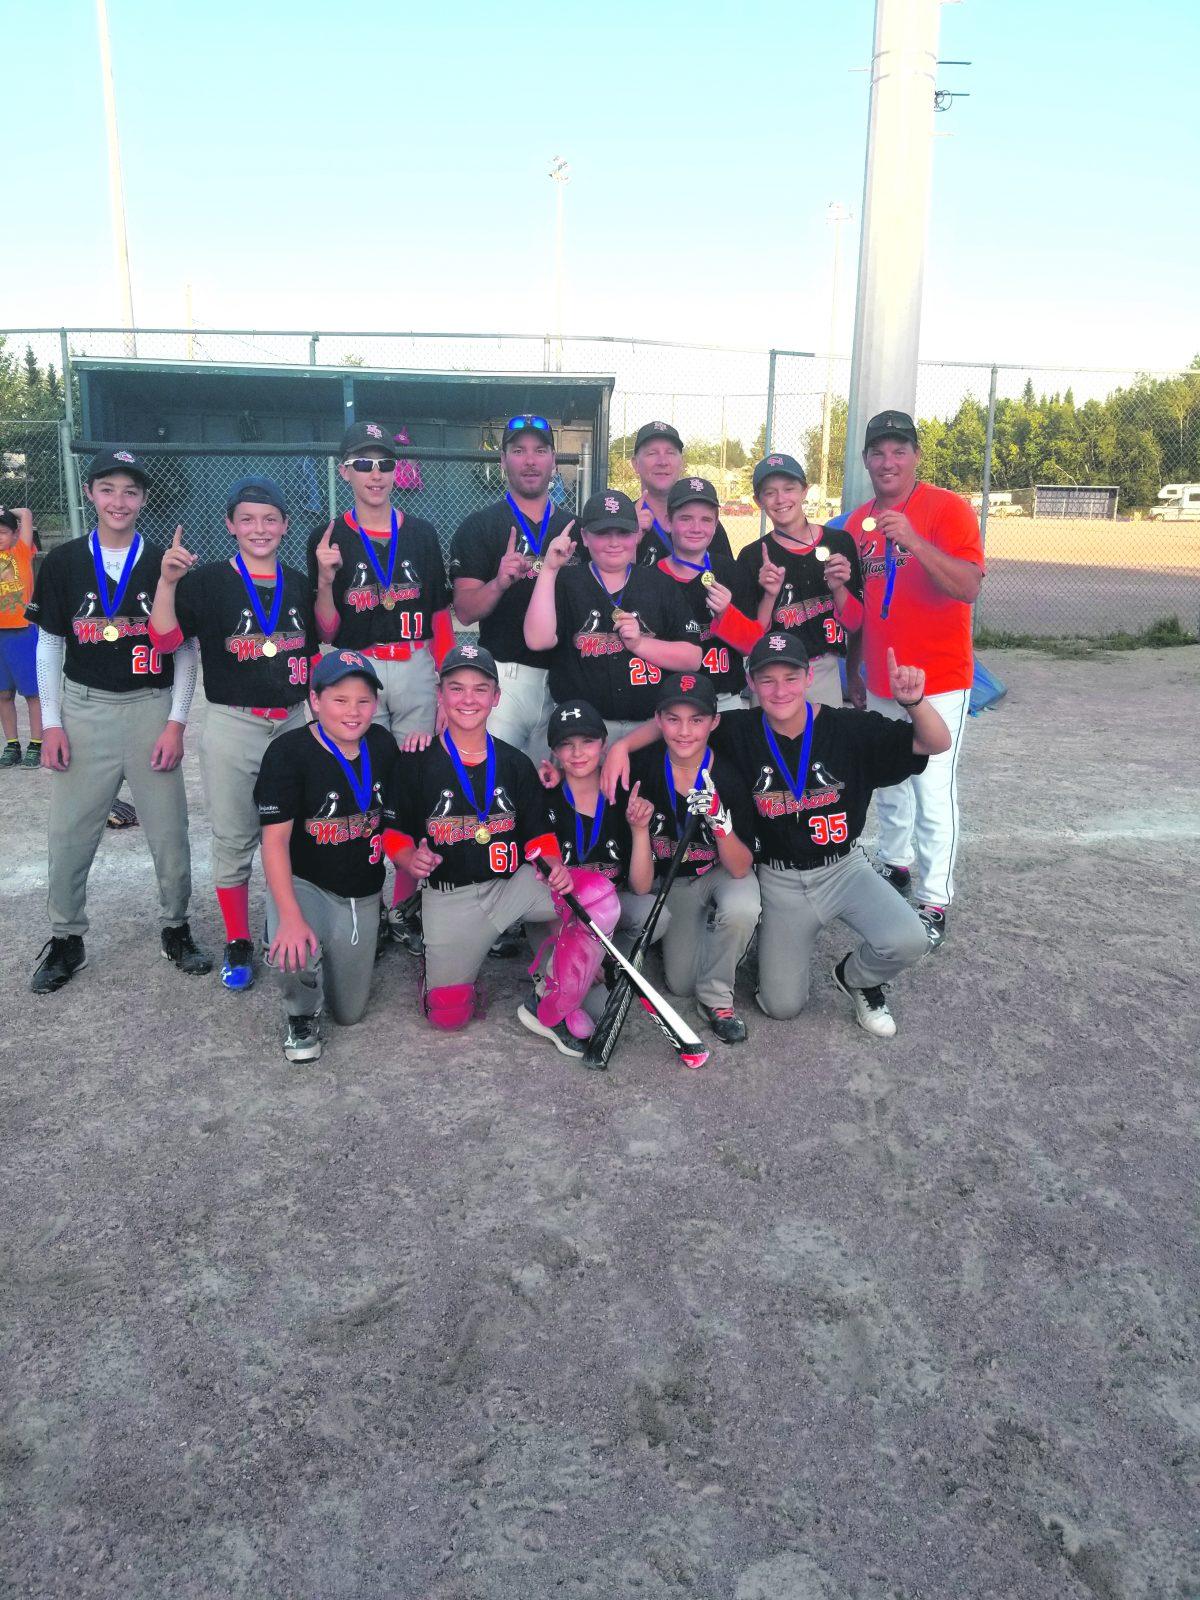 Championnats régionaux de baseball mineur : trois titres sur quatre à Baie-Comeau